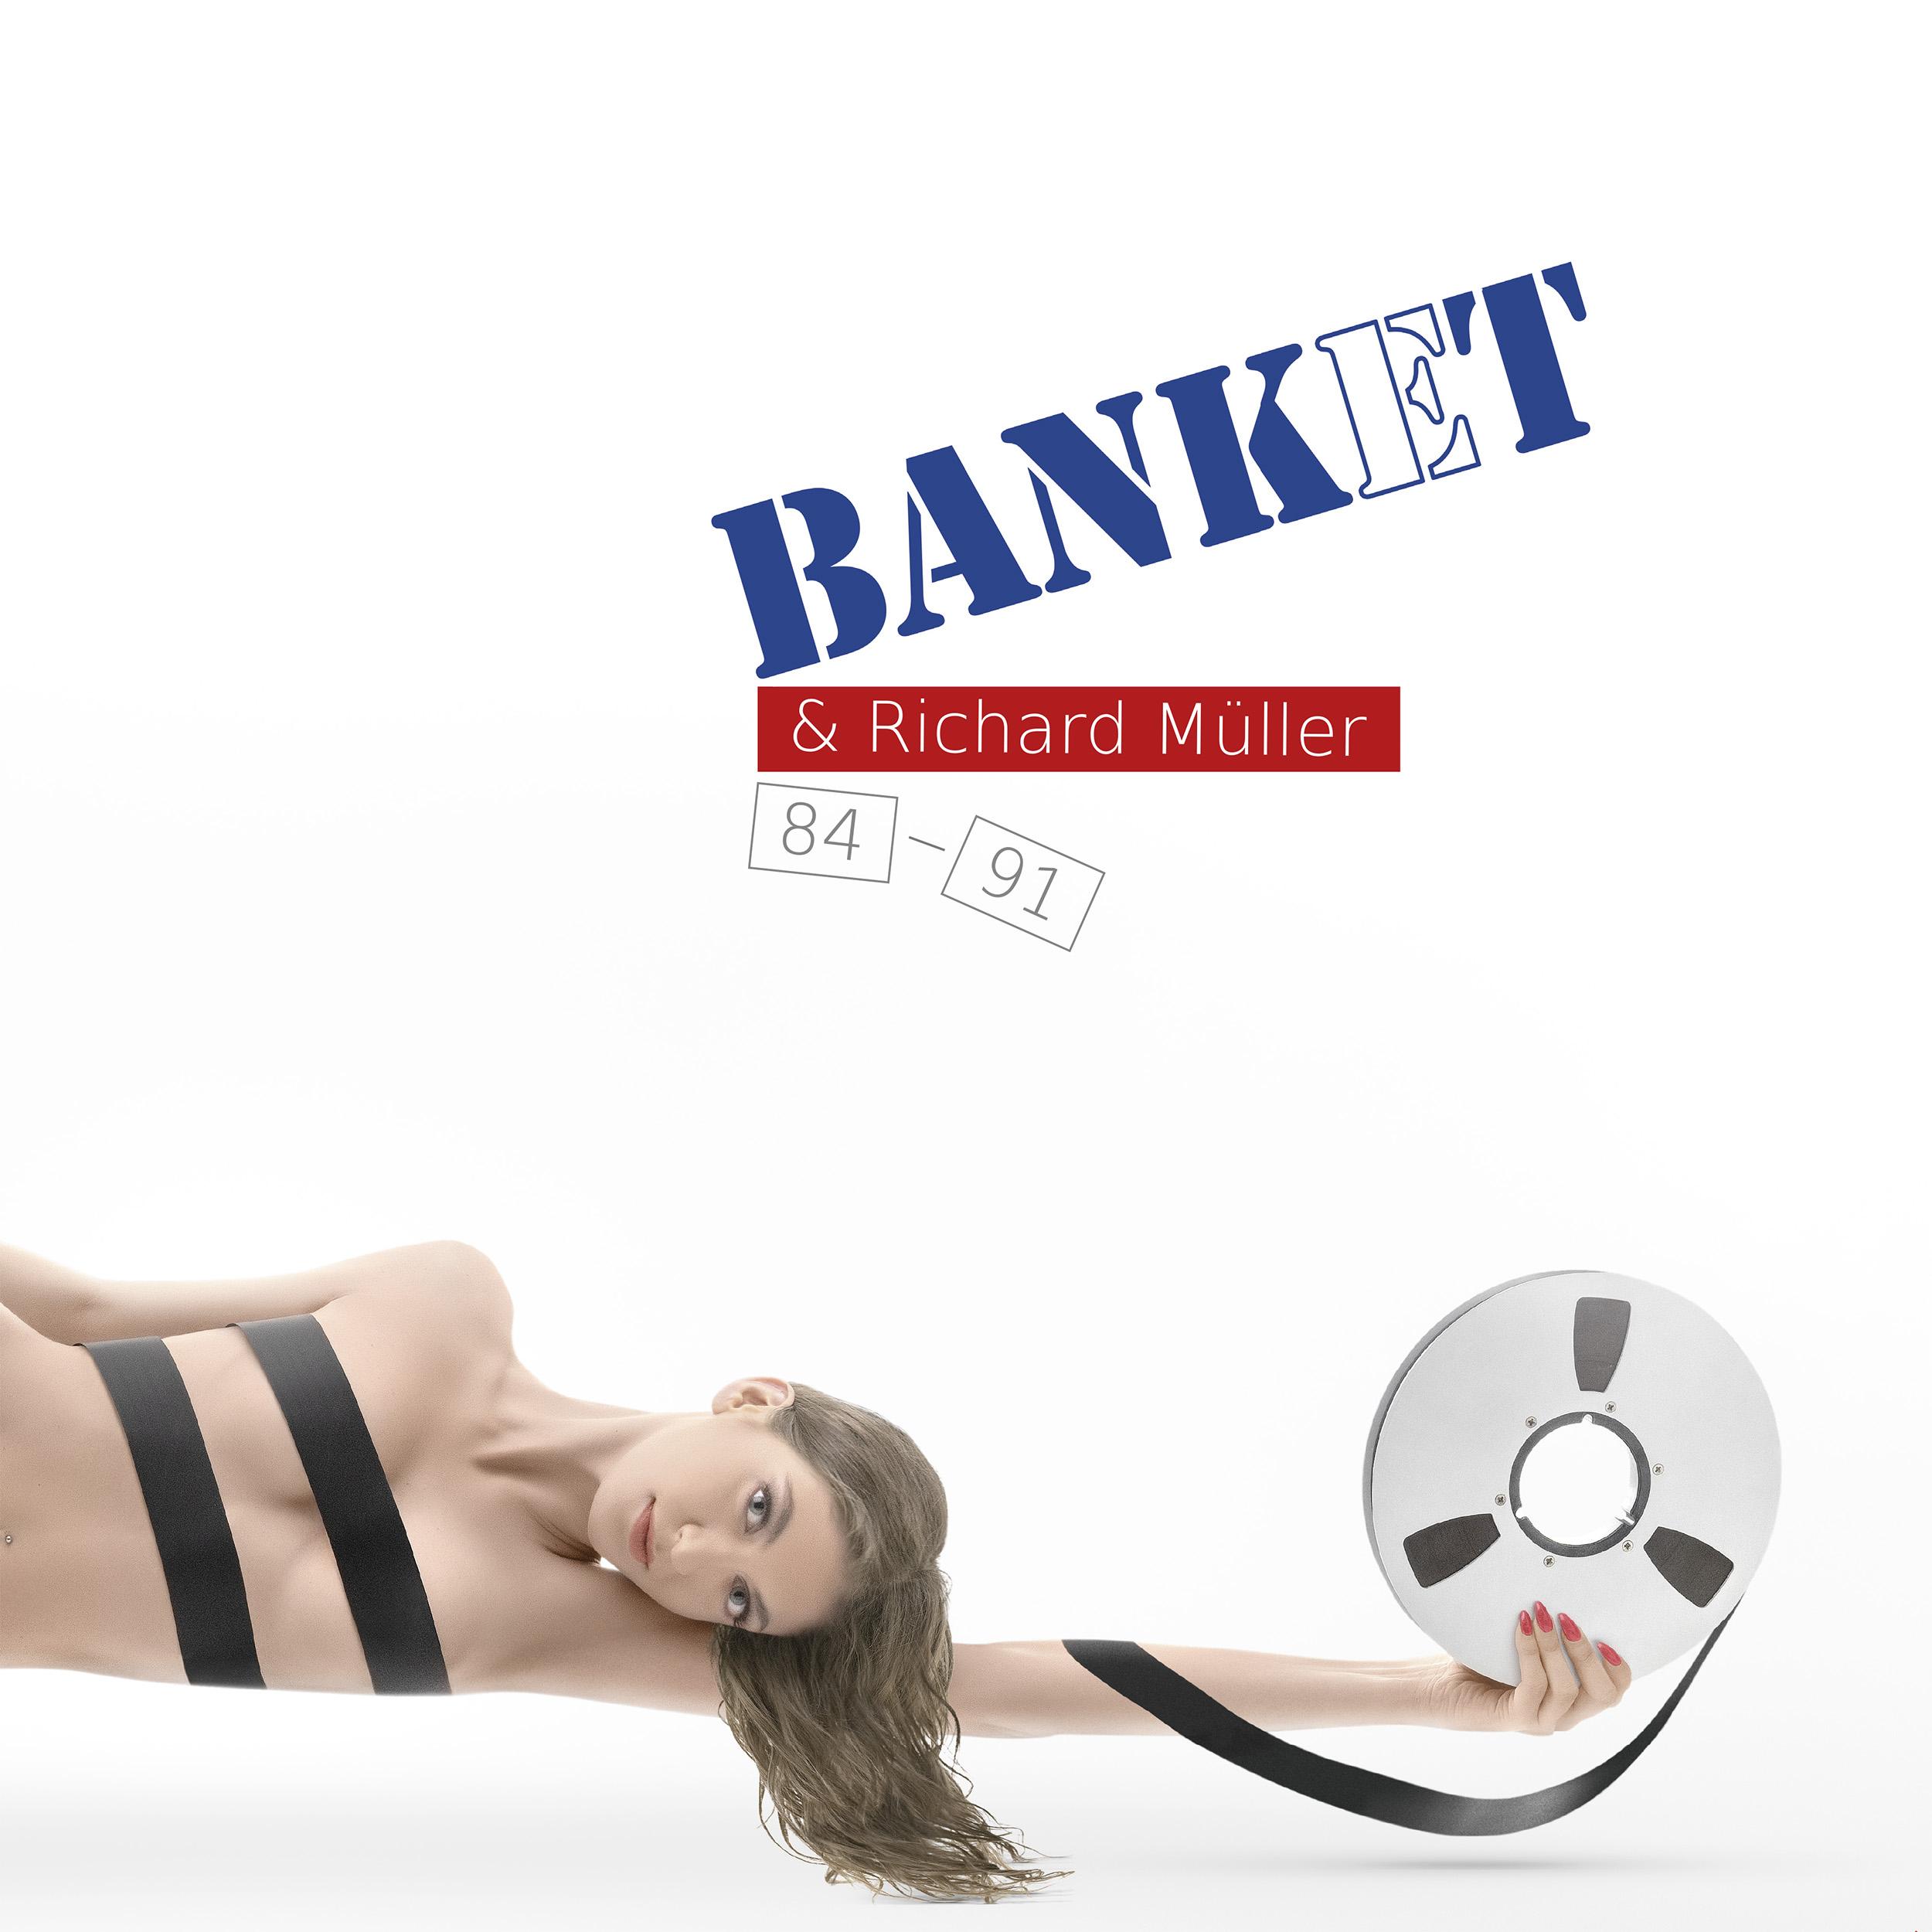 Unikátny výber skupiny BANKET & Richard Müller 84-91 vychádza na 2LP a 2CD.